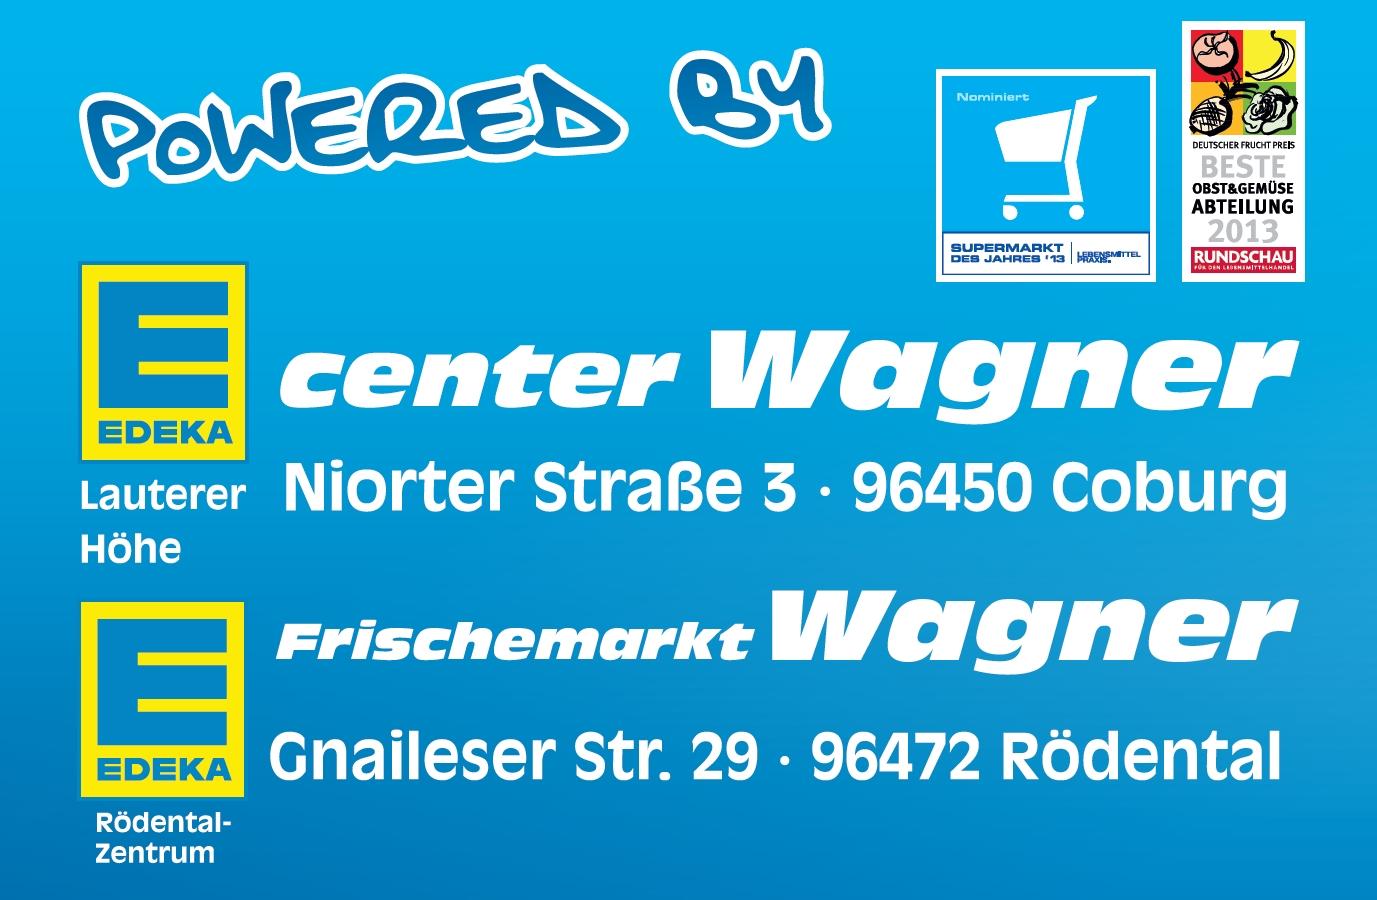 Edeka_Wagner